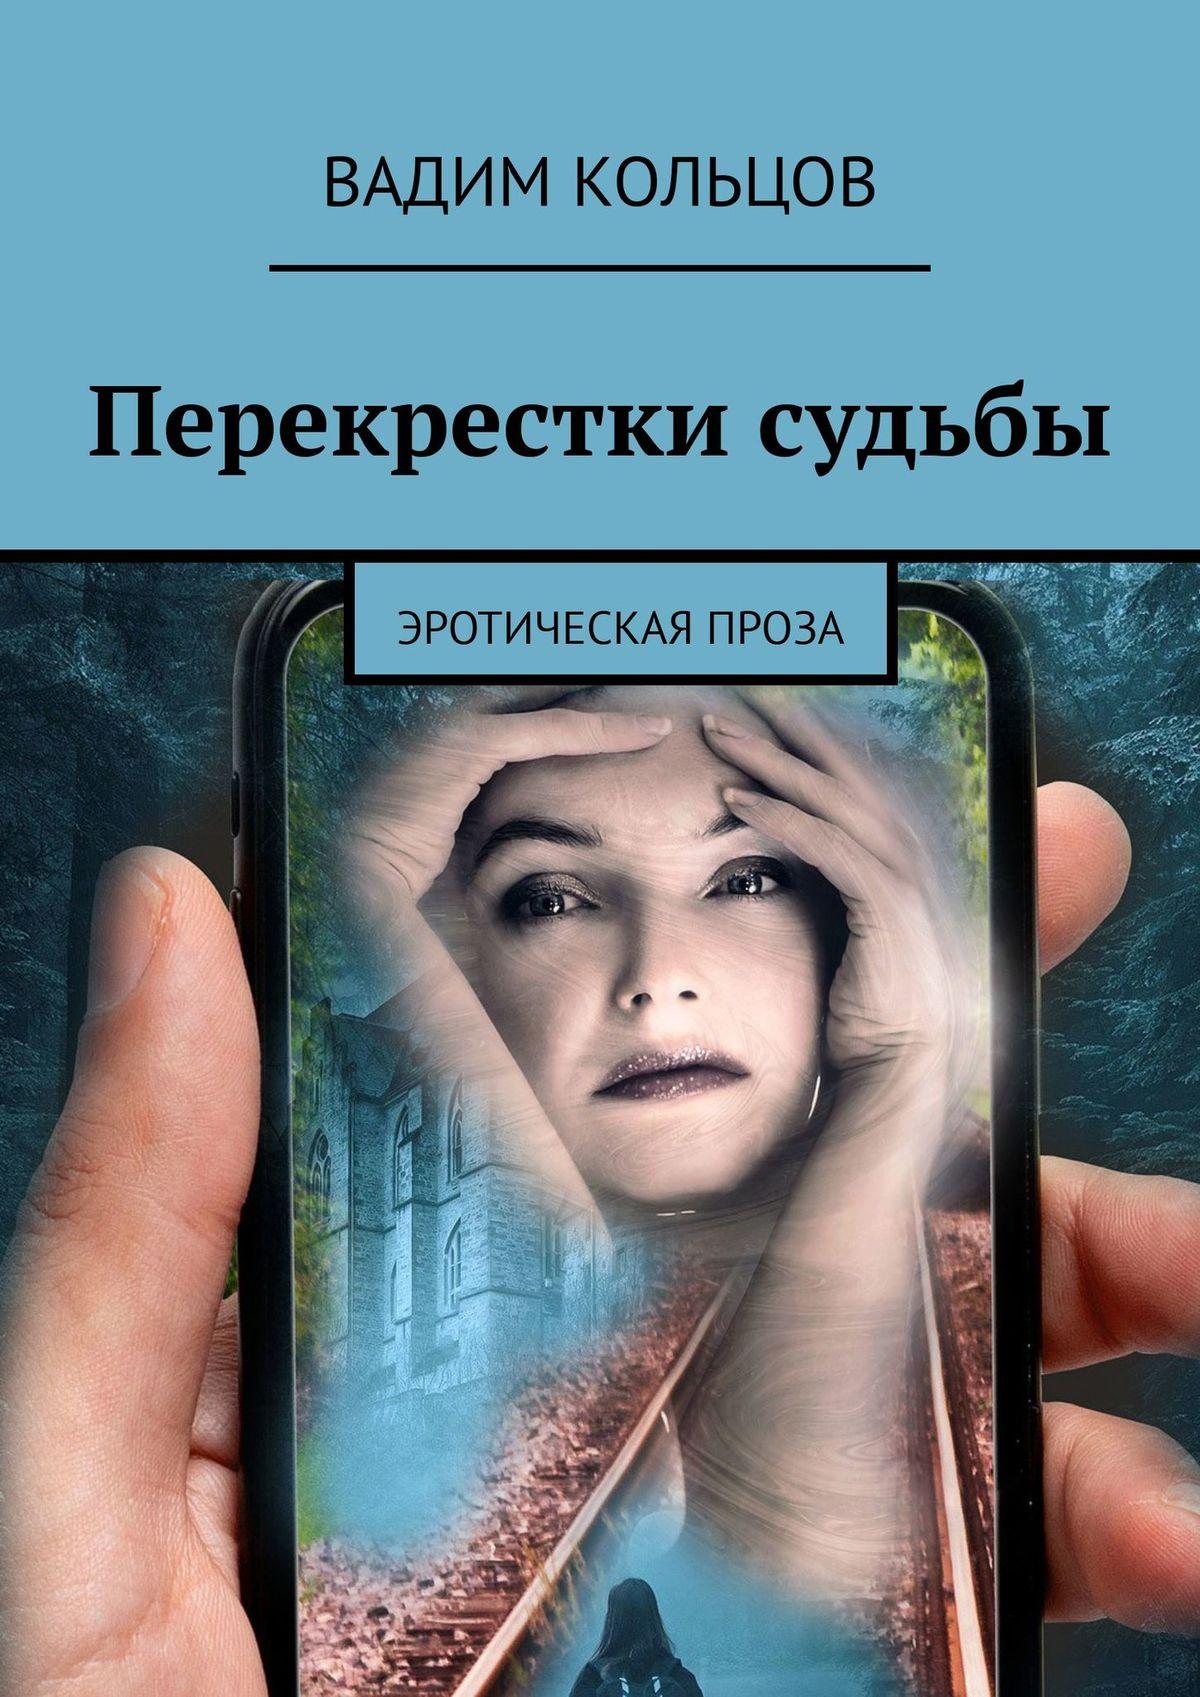 Вадим Кольцов Перекрестки судьбы. Эротическая проза перекрестки россии